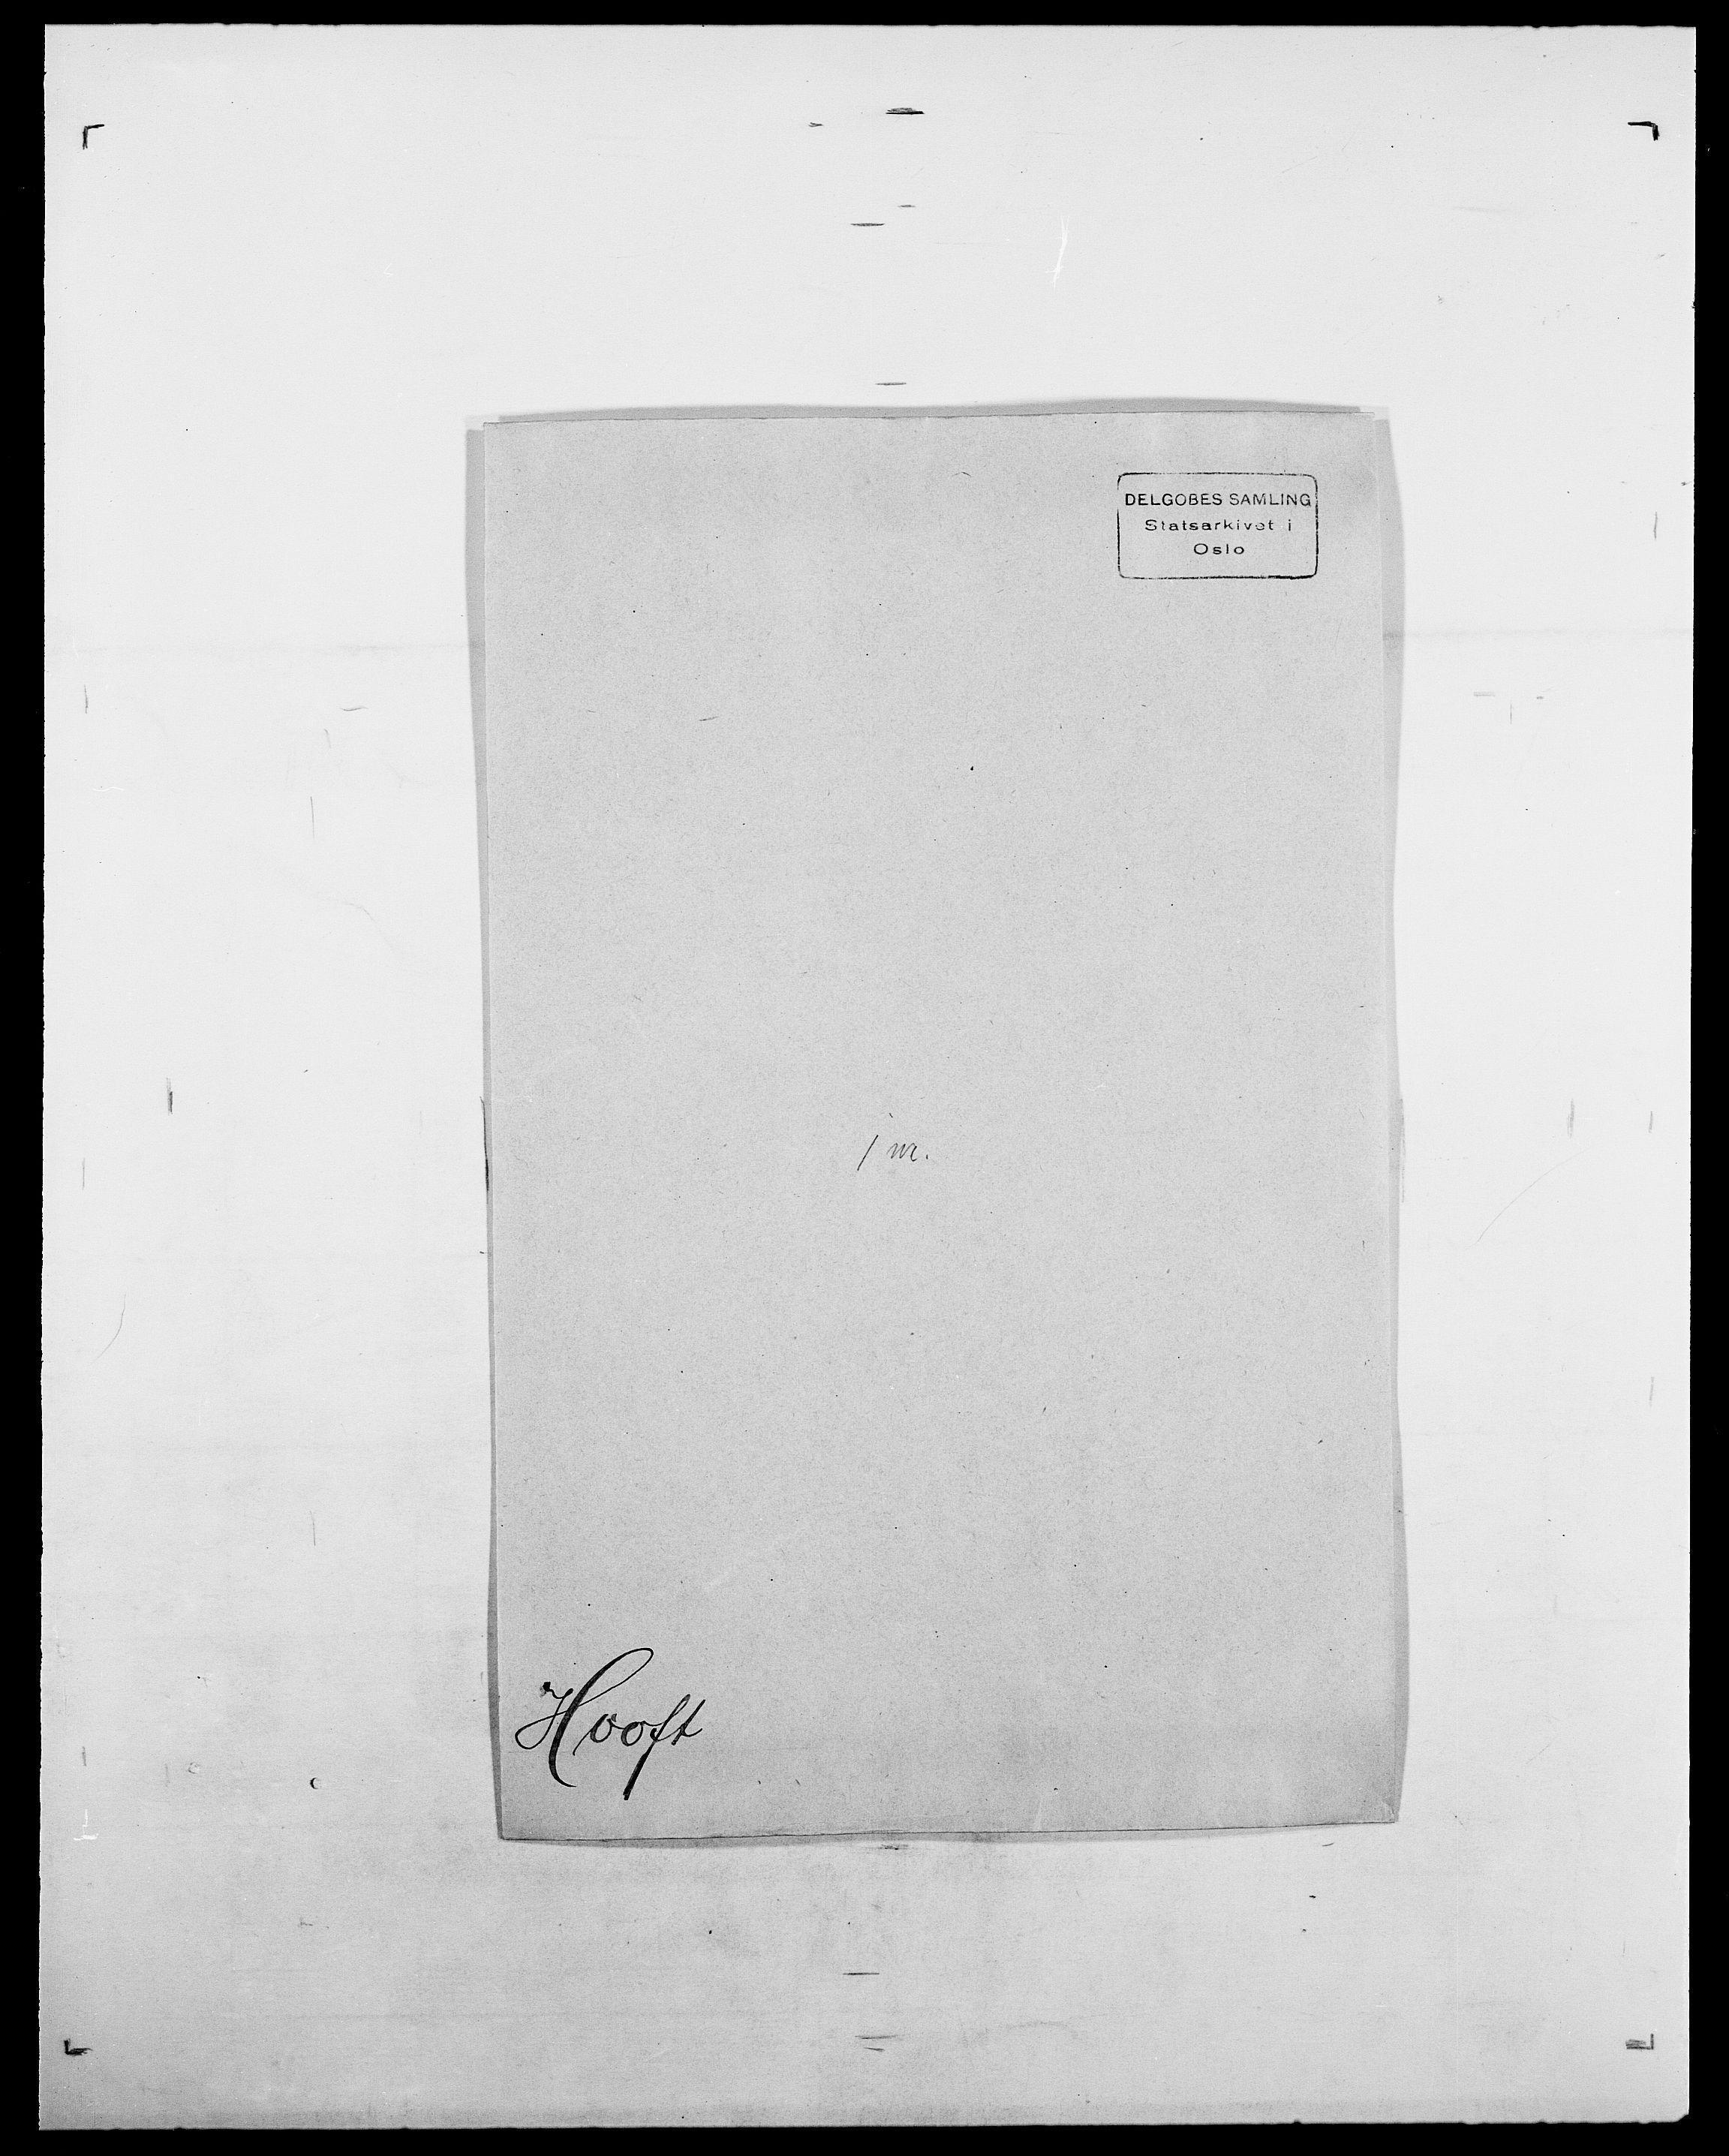 SAO, Delgobe, Charles Antoine - samling, D/Da/L0018: Hoch - Howert, s. 899